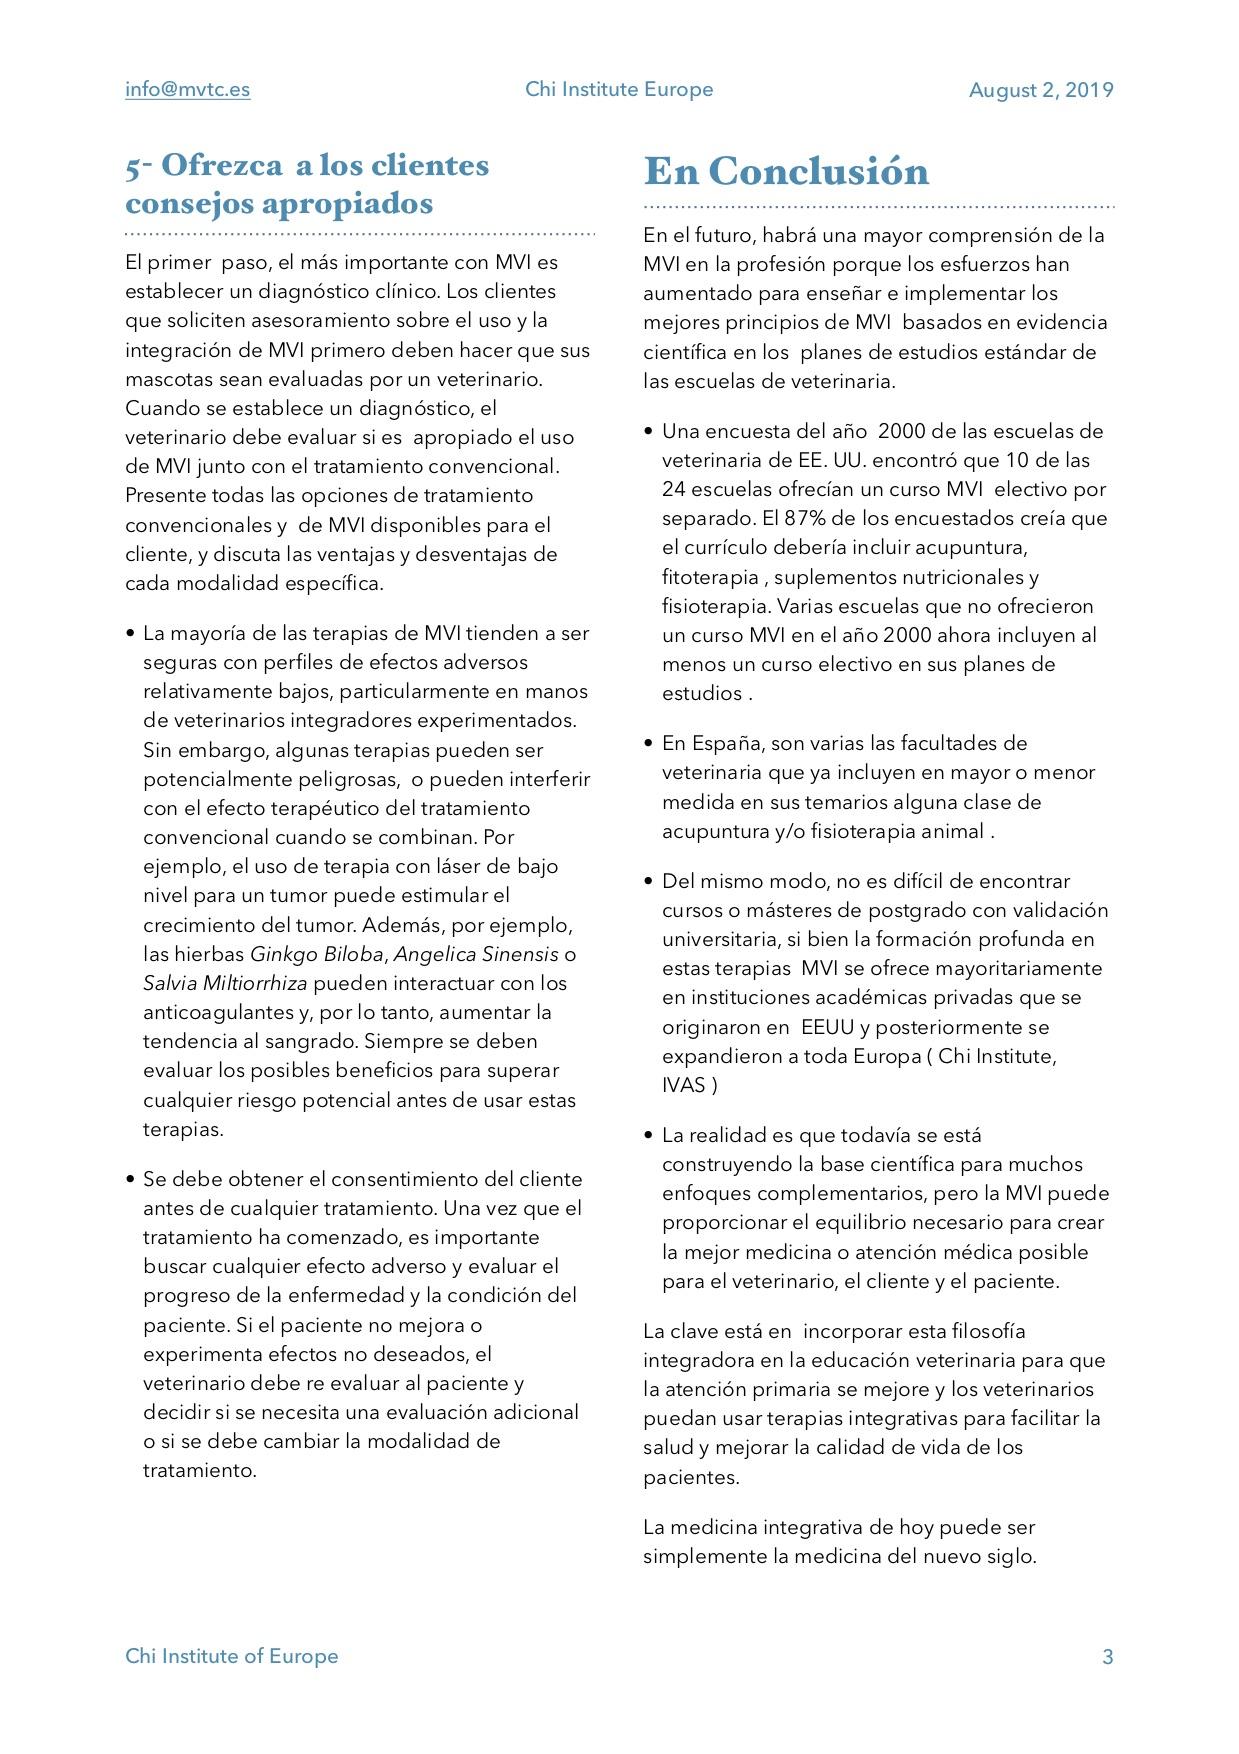 articulo divulgacion 5 razones para MVIntegrativa -3 .jpg